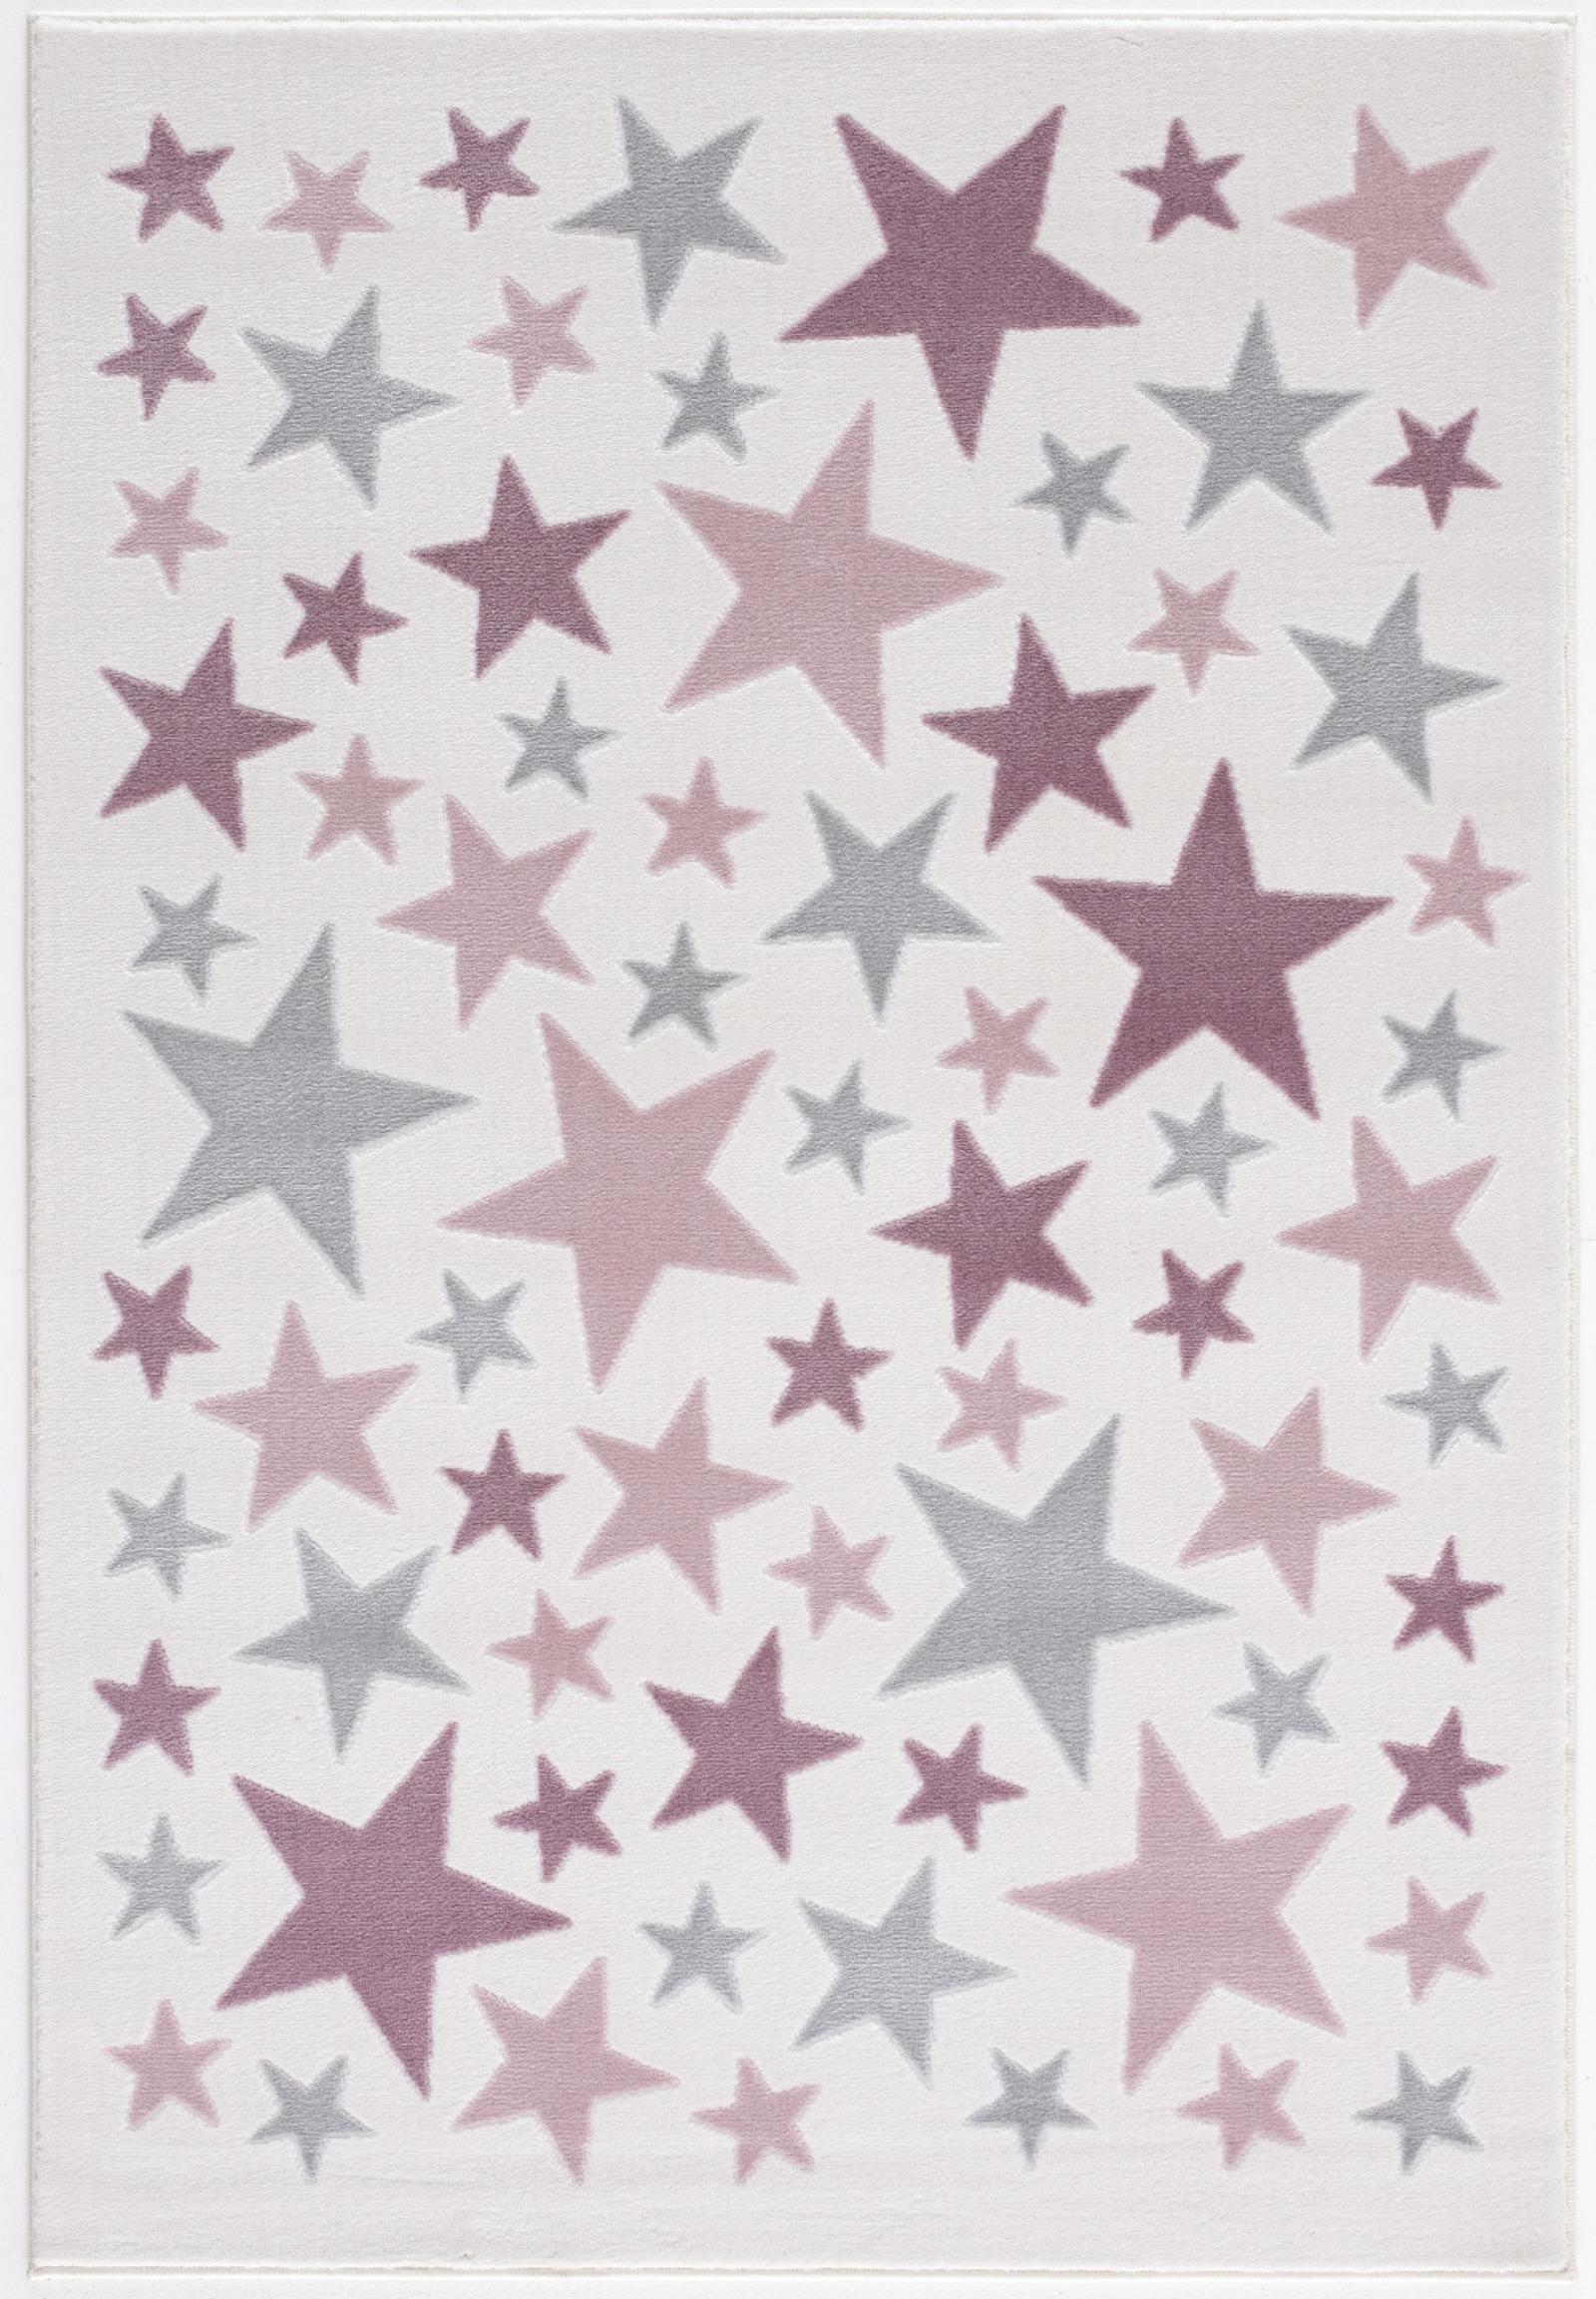 Dětský koberec Stella - krémová/růžová 120x180 cm